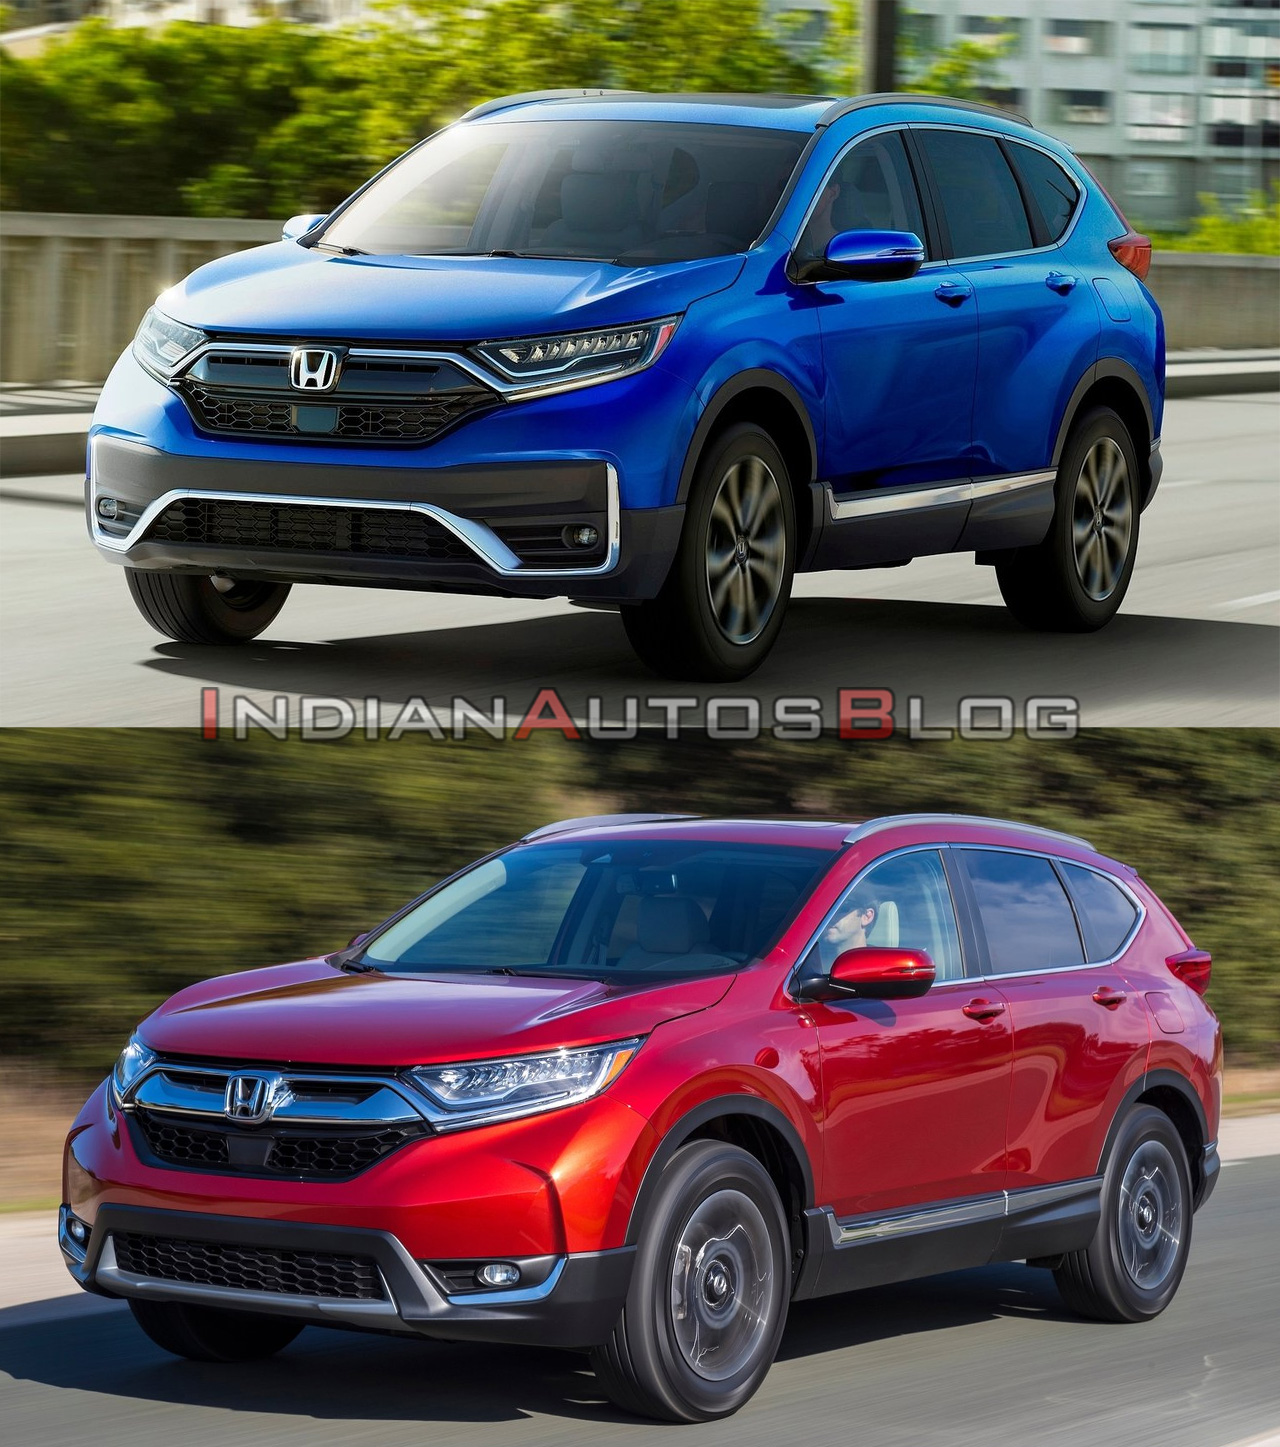 2020-honda-cr-v-facelift-vs-2017-honda-cr-v-5-51ae.jpg